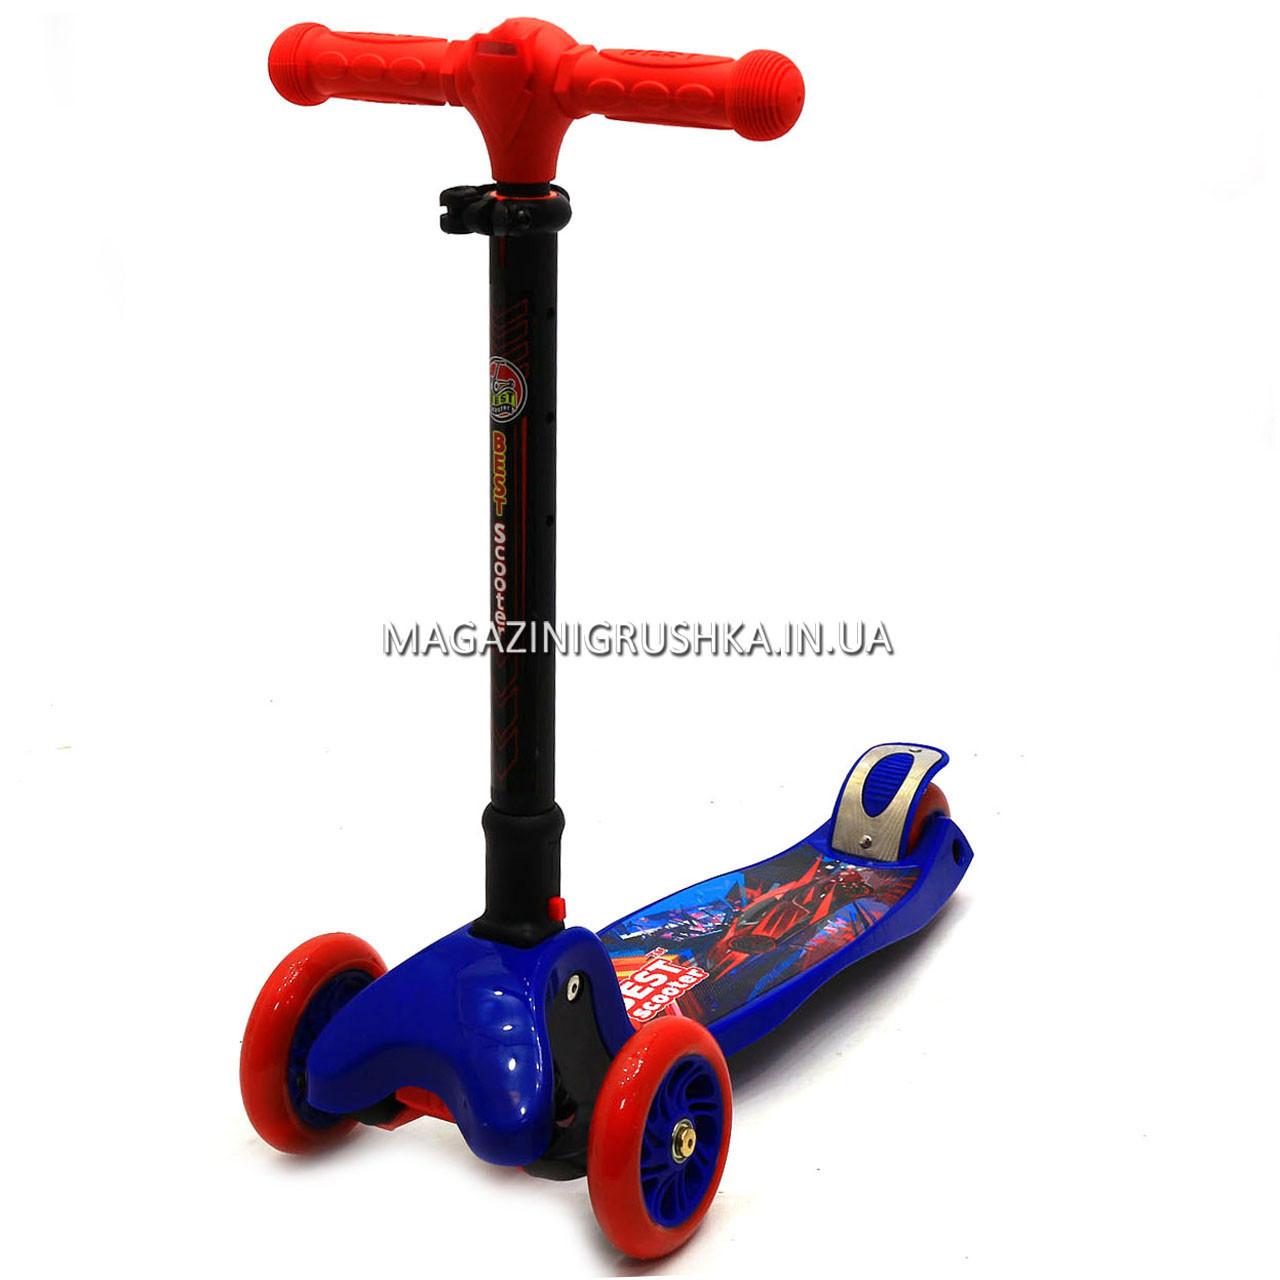 Самокат Best Scooter триколісний дитячий C38300 (ПУ колеса, тихі, що світяться, з ліхтариком на кермі)